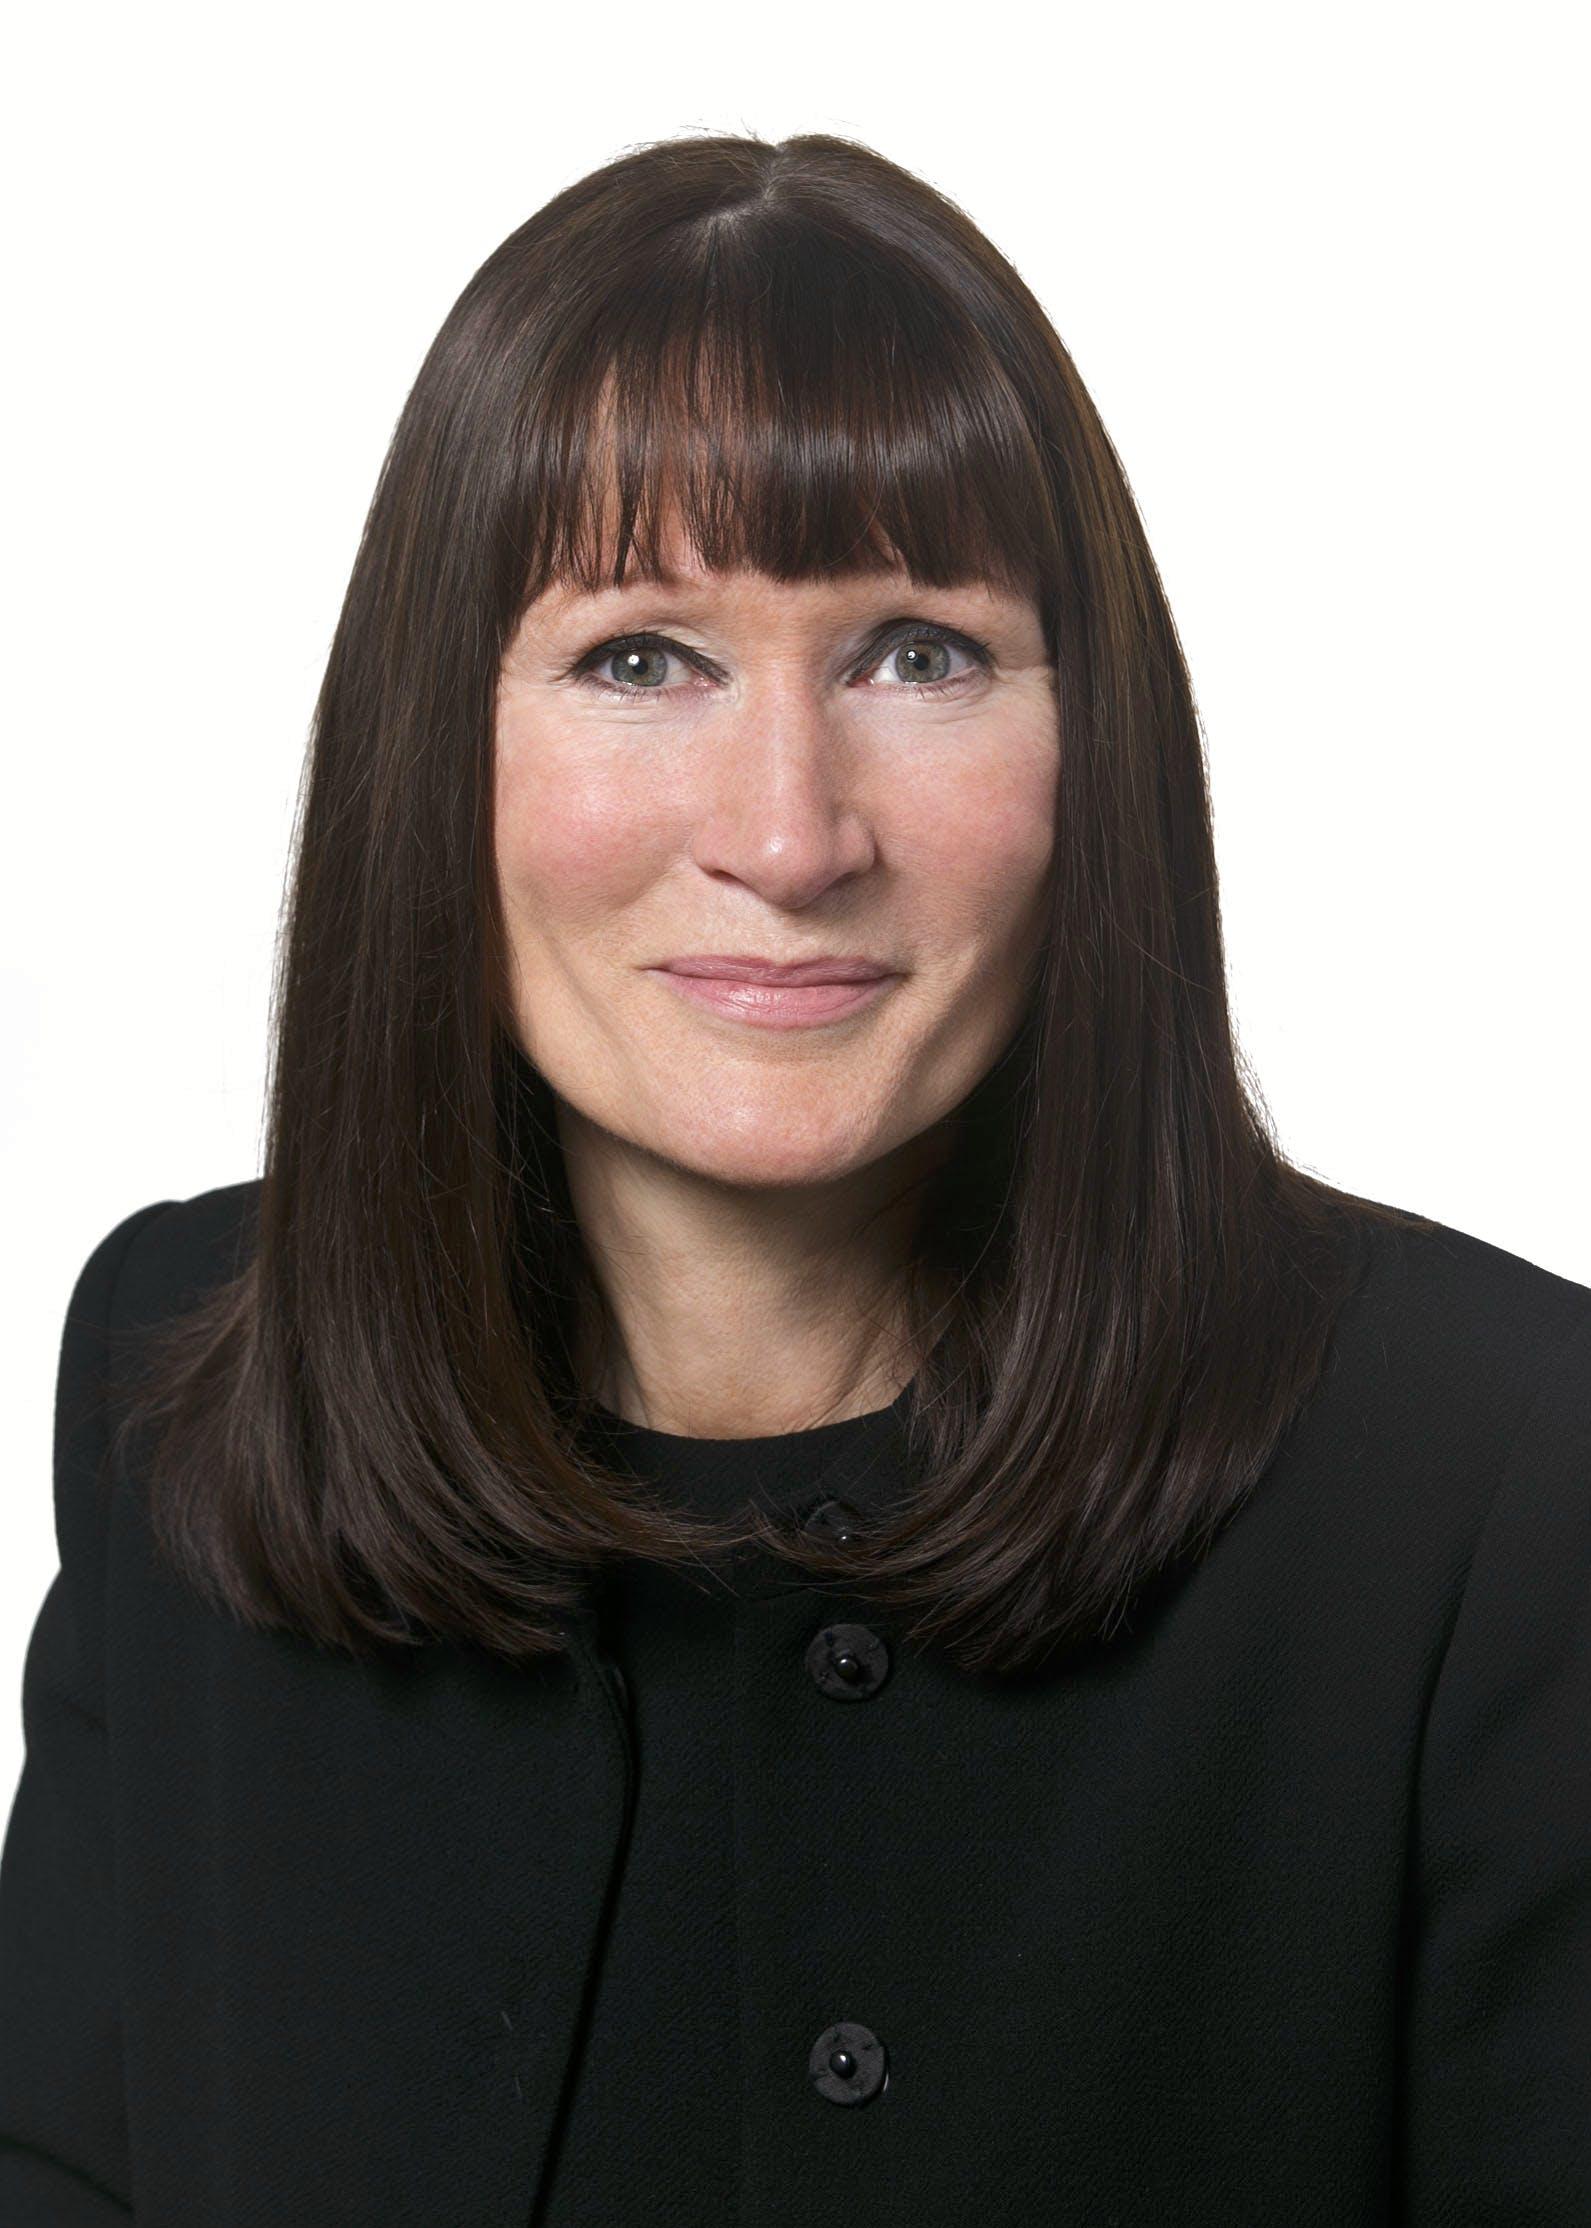 Tarplee Suzanne Stephenson Harwood 2013